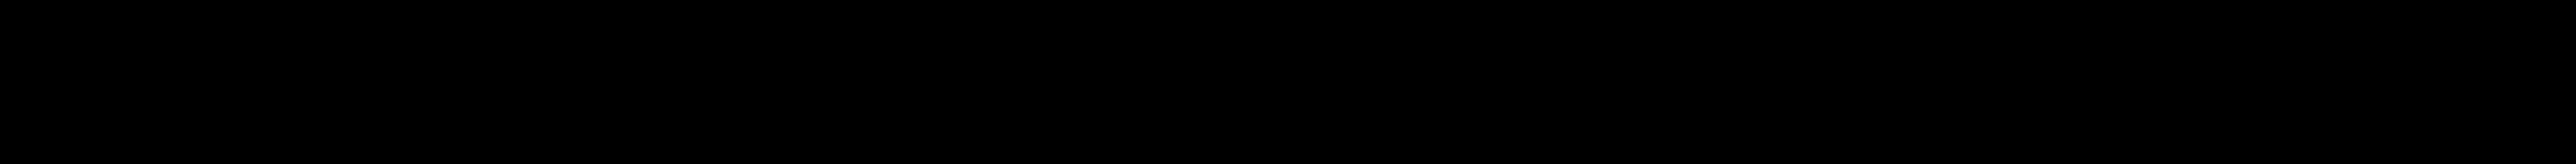 YWFT Unisect Extra Bold Oblique